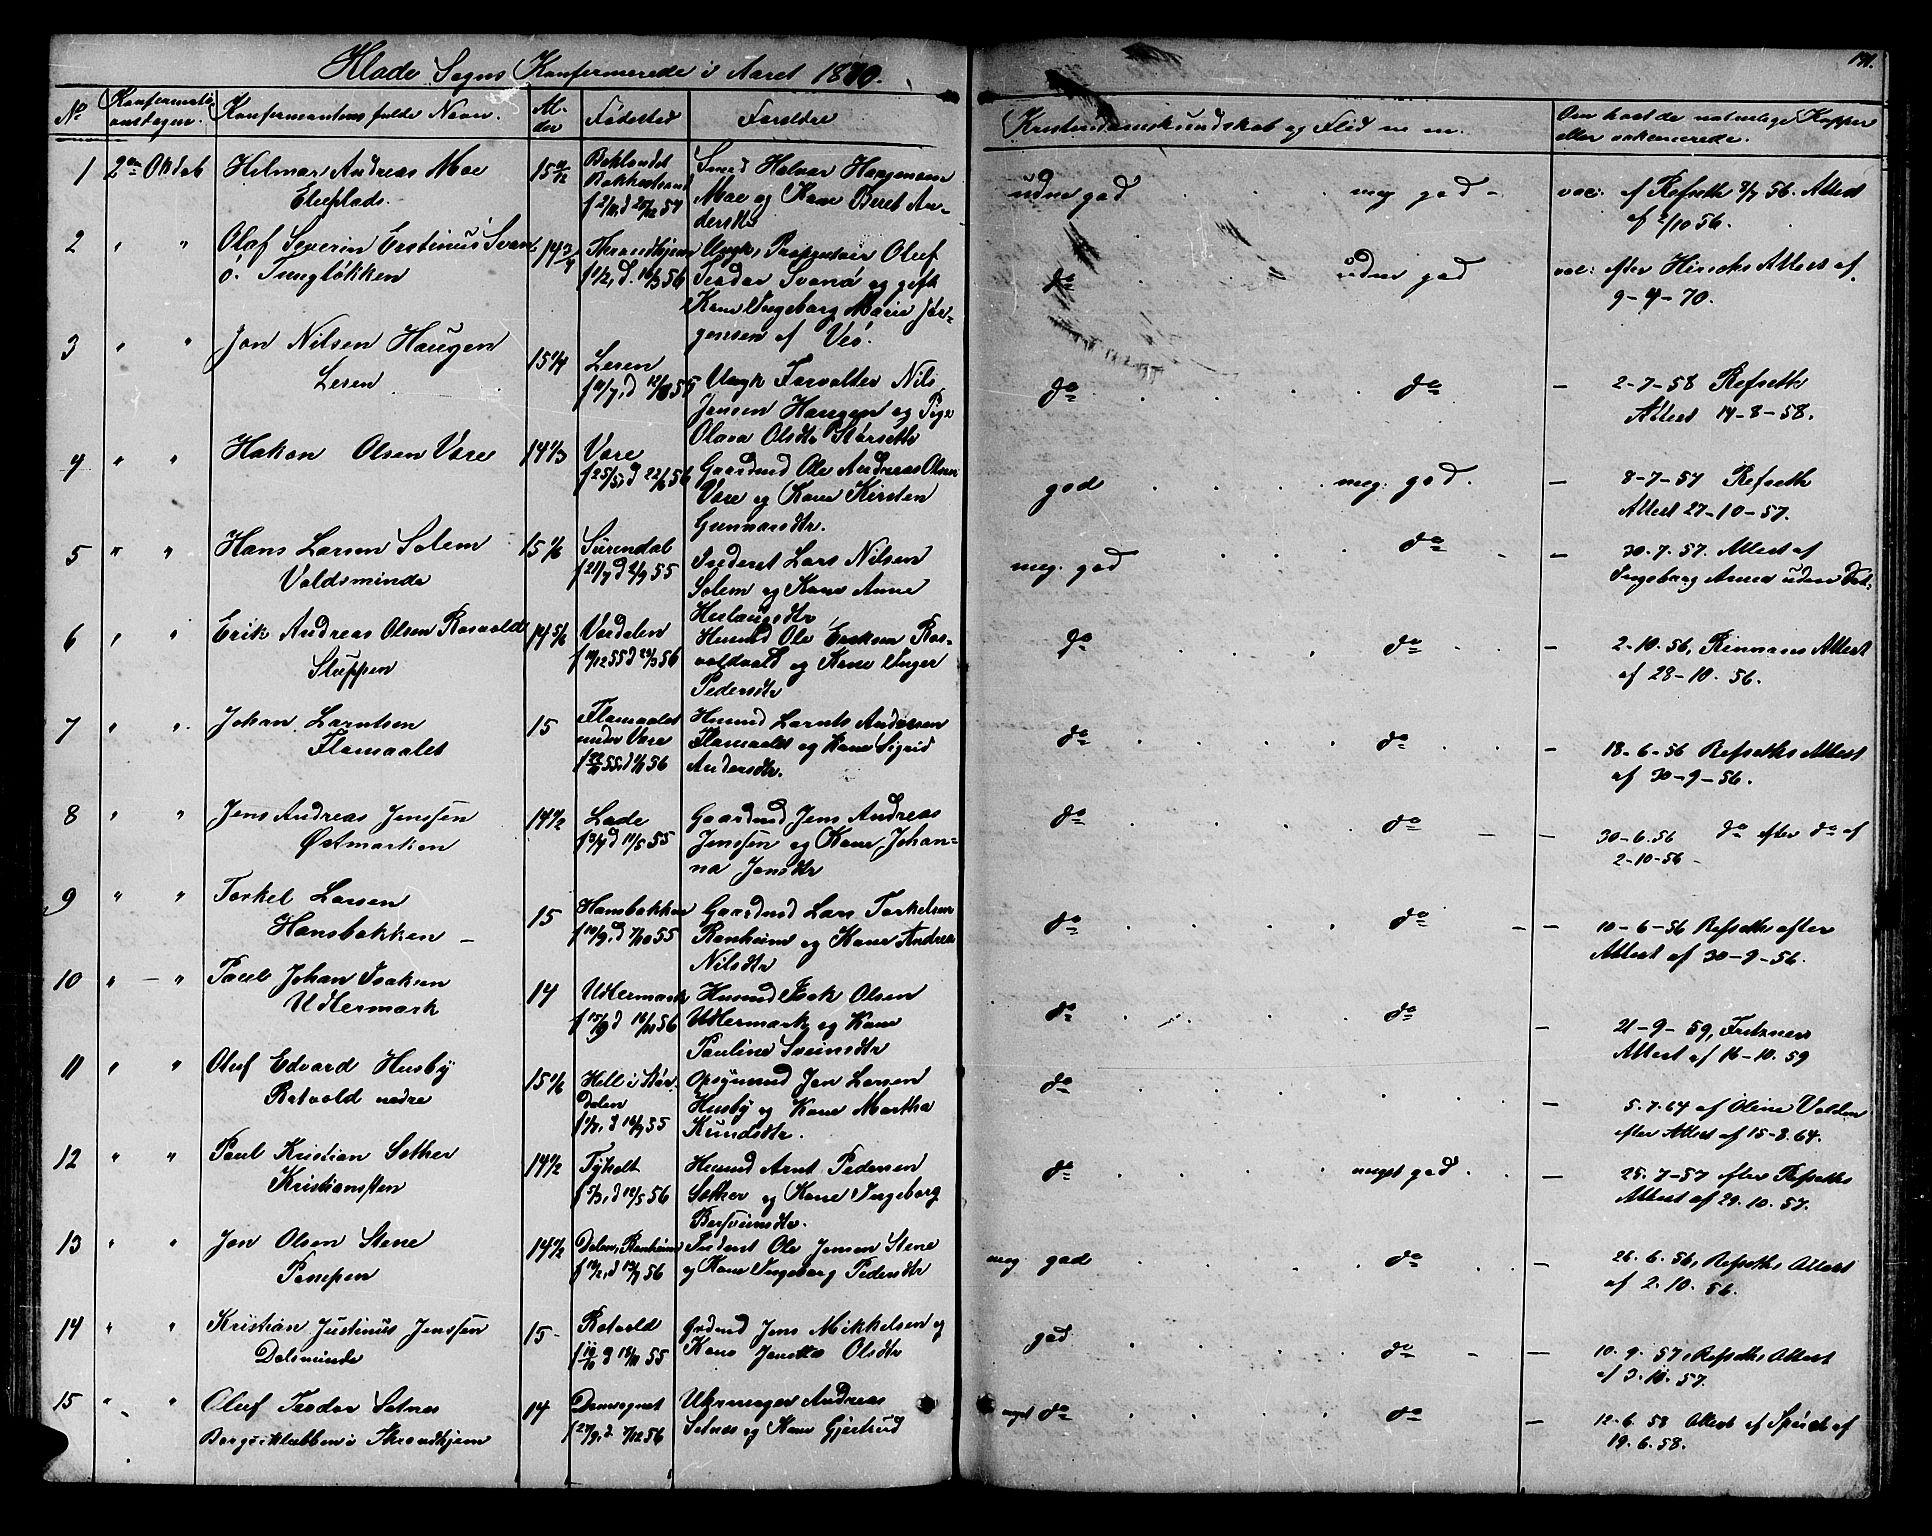 SAT, Ministerialprotokoller, klokkerbøker og fødselsregistre - Sør-Trøndelag, 606/L0311: Klokkerbok nr. 606C07, 1860-1877, s. 191